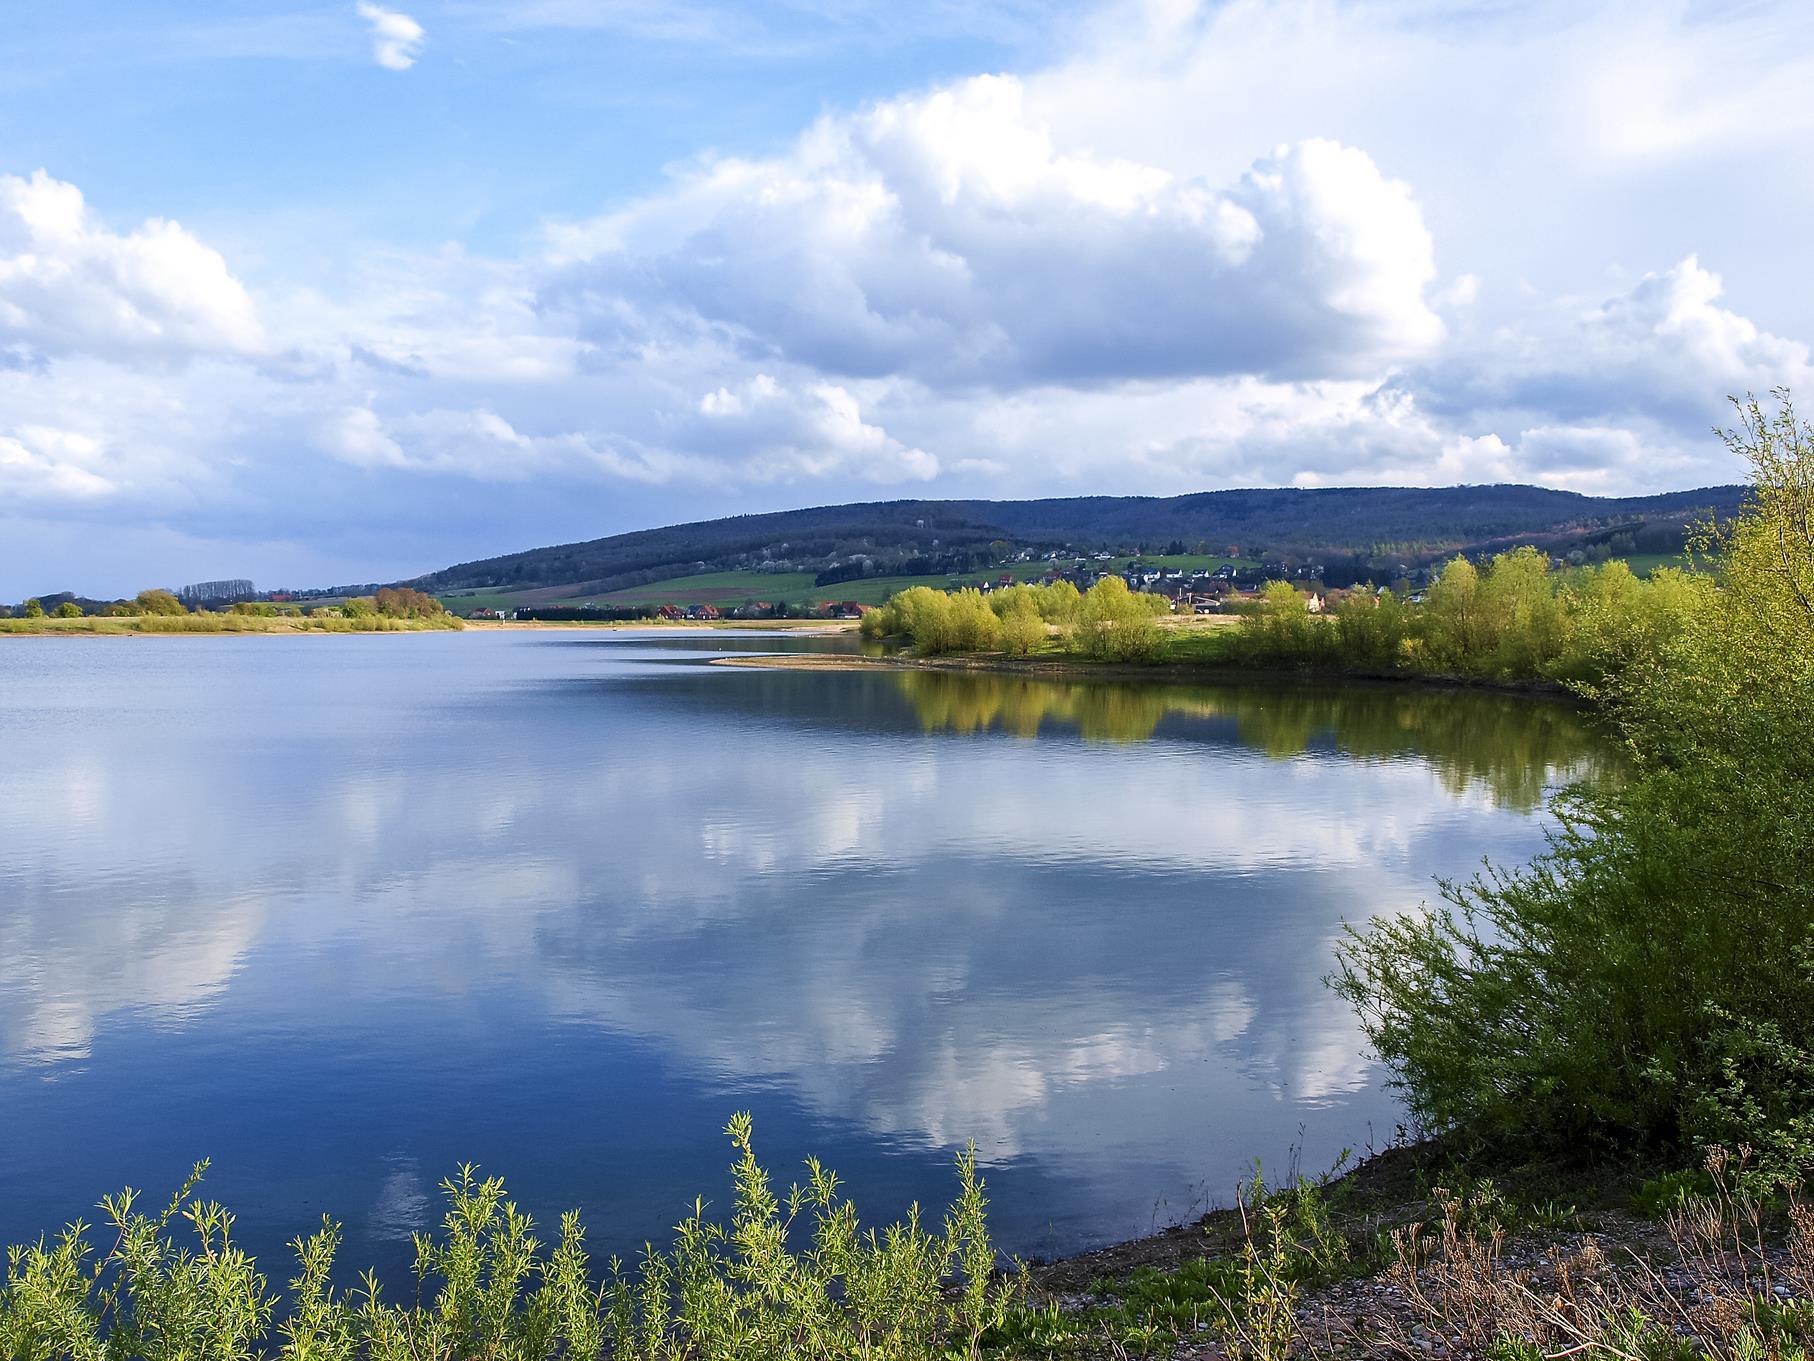 Wolkenspiel am mittleren Teich.